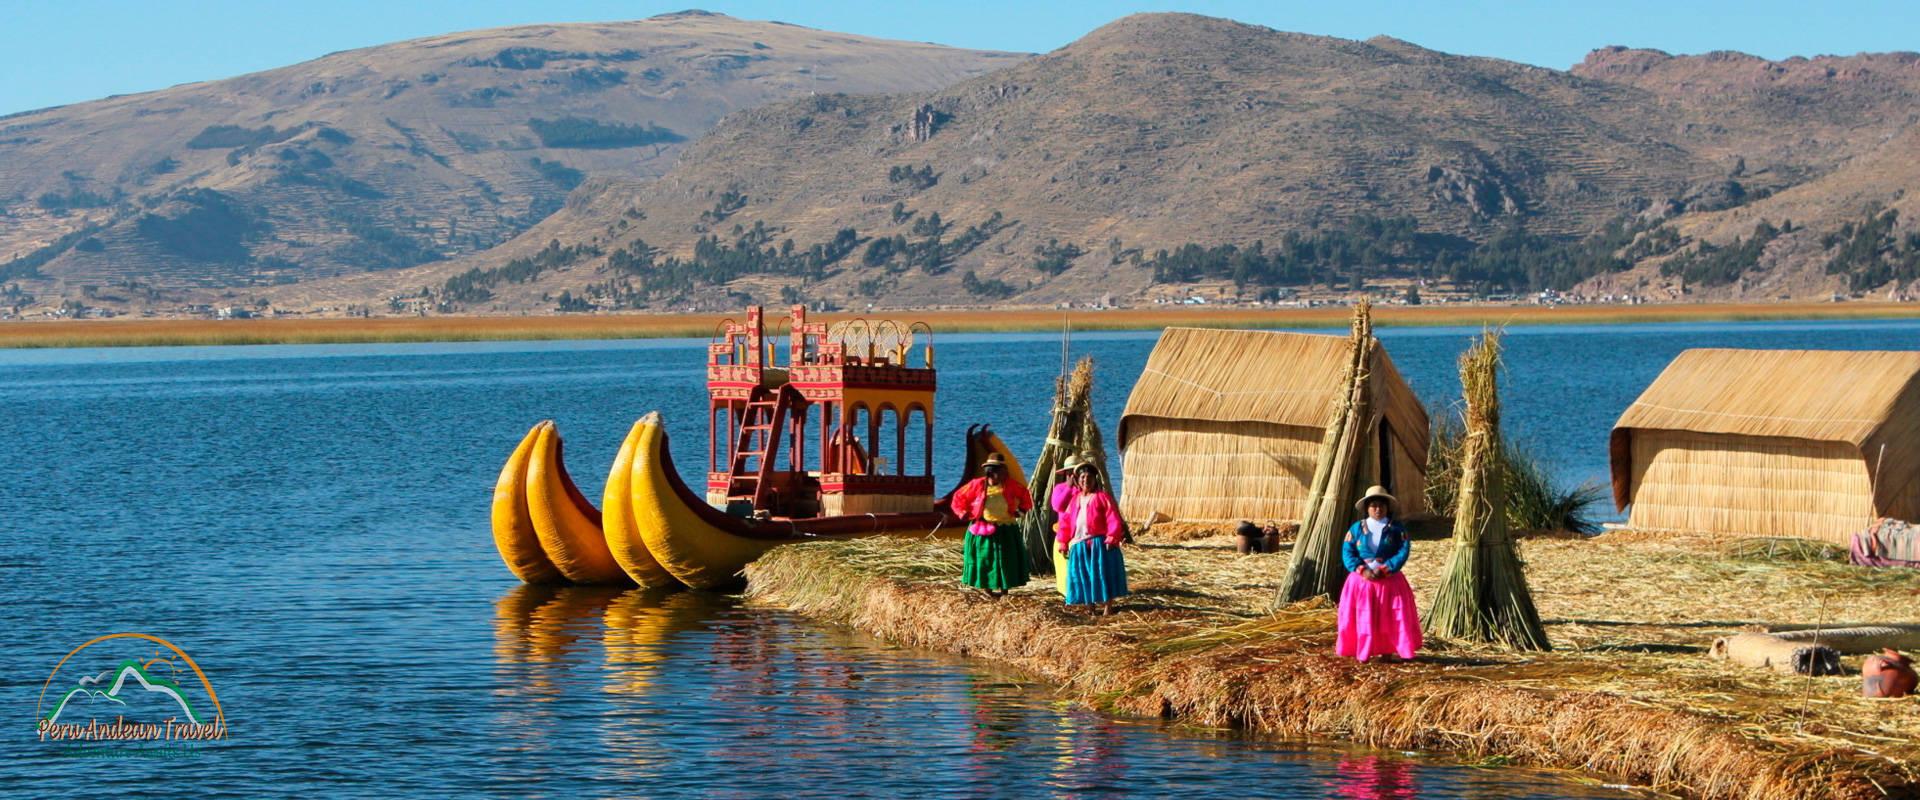 Lake Titicaca Islands